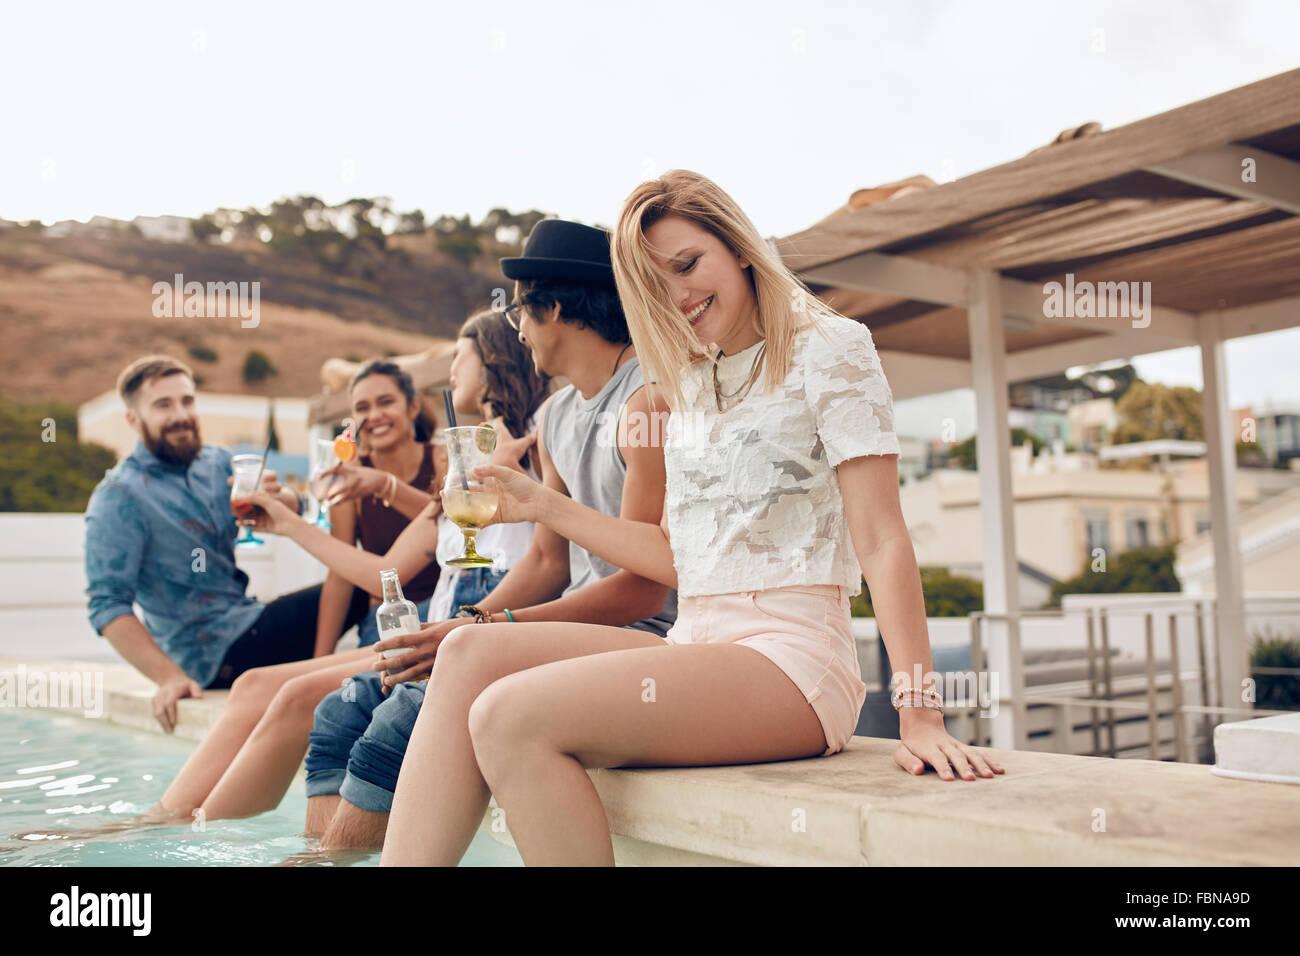 Im Freien Schuss glückliche junge Menschen feiern. Junge Männer und Frauen sitzen am Rand des Schwimmbades Stockbild